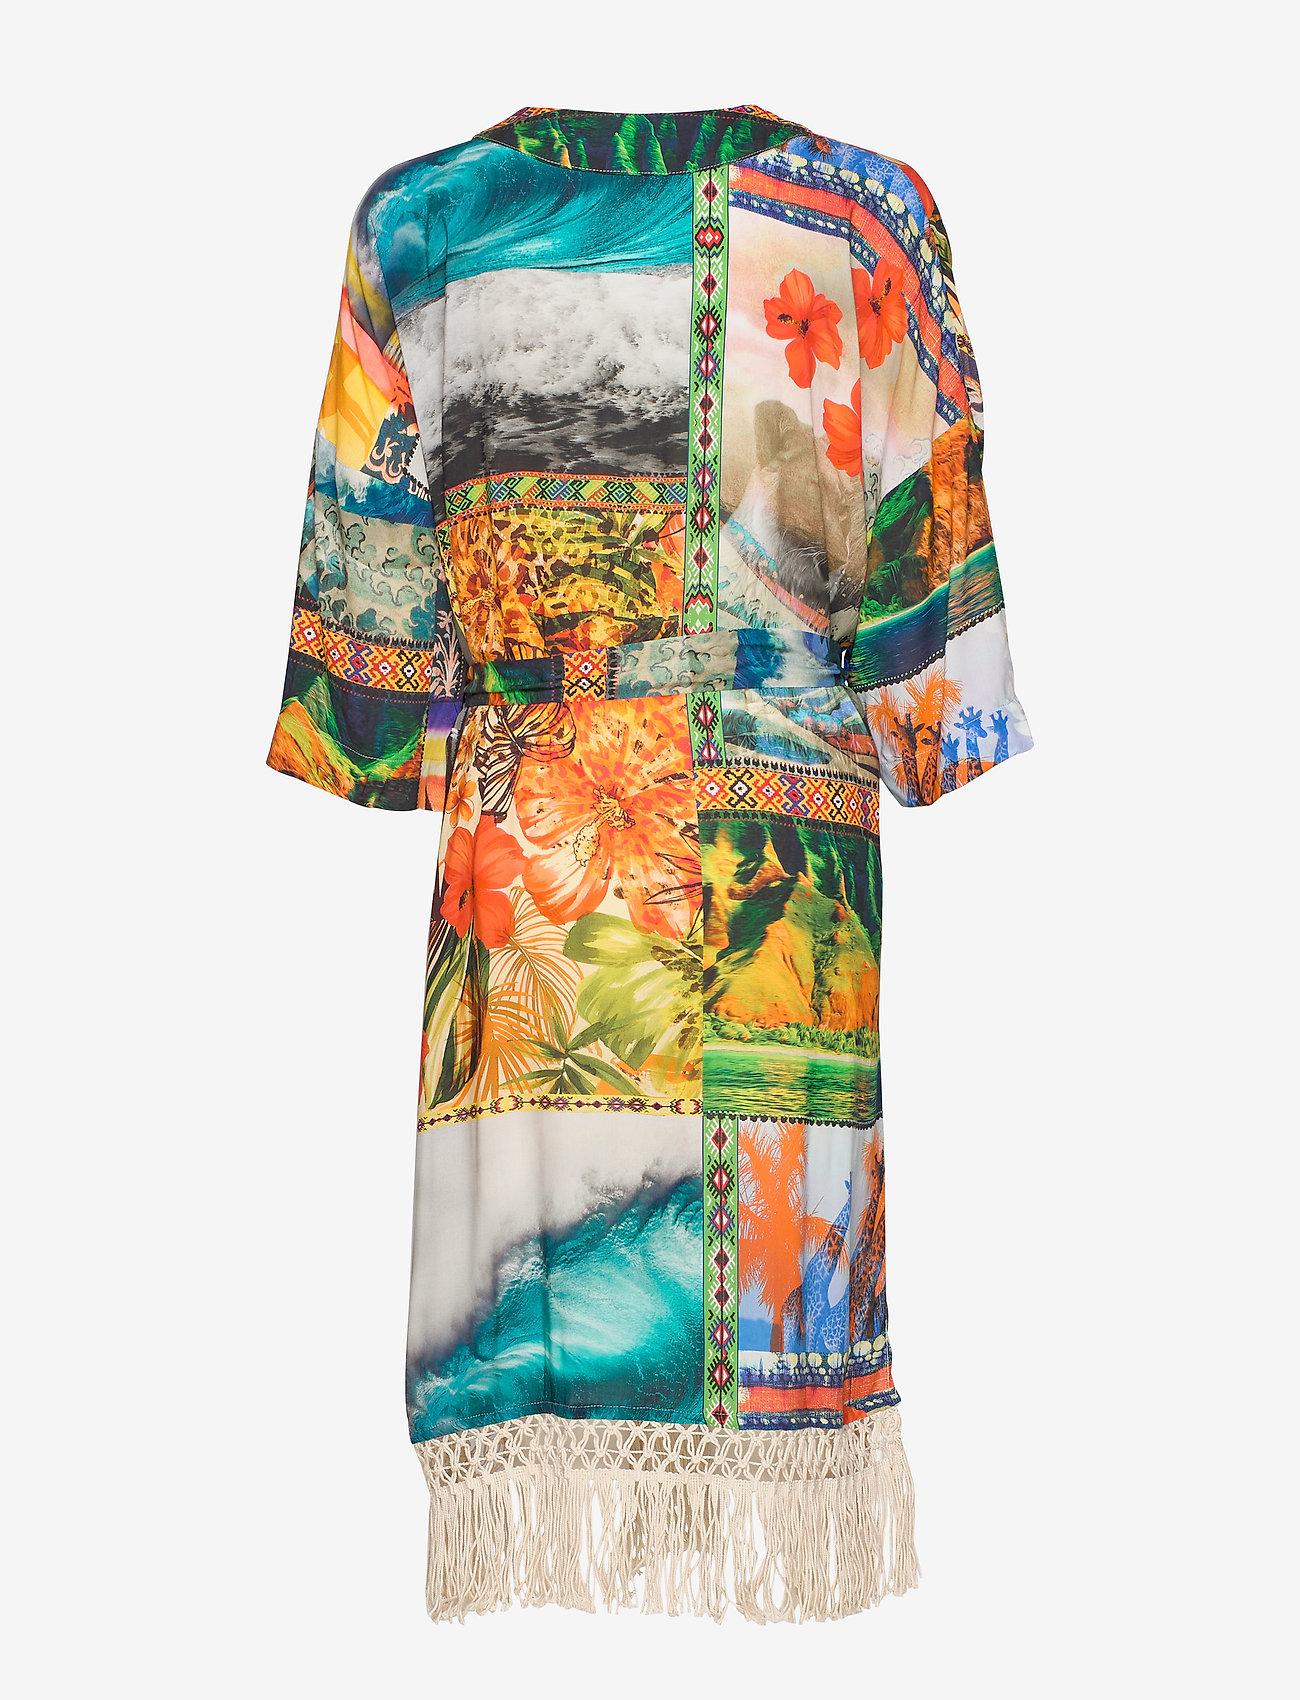 Kimono Hawai (Tutti Fruti) (1099 kr) - Desigual